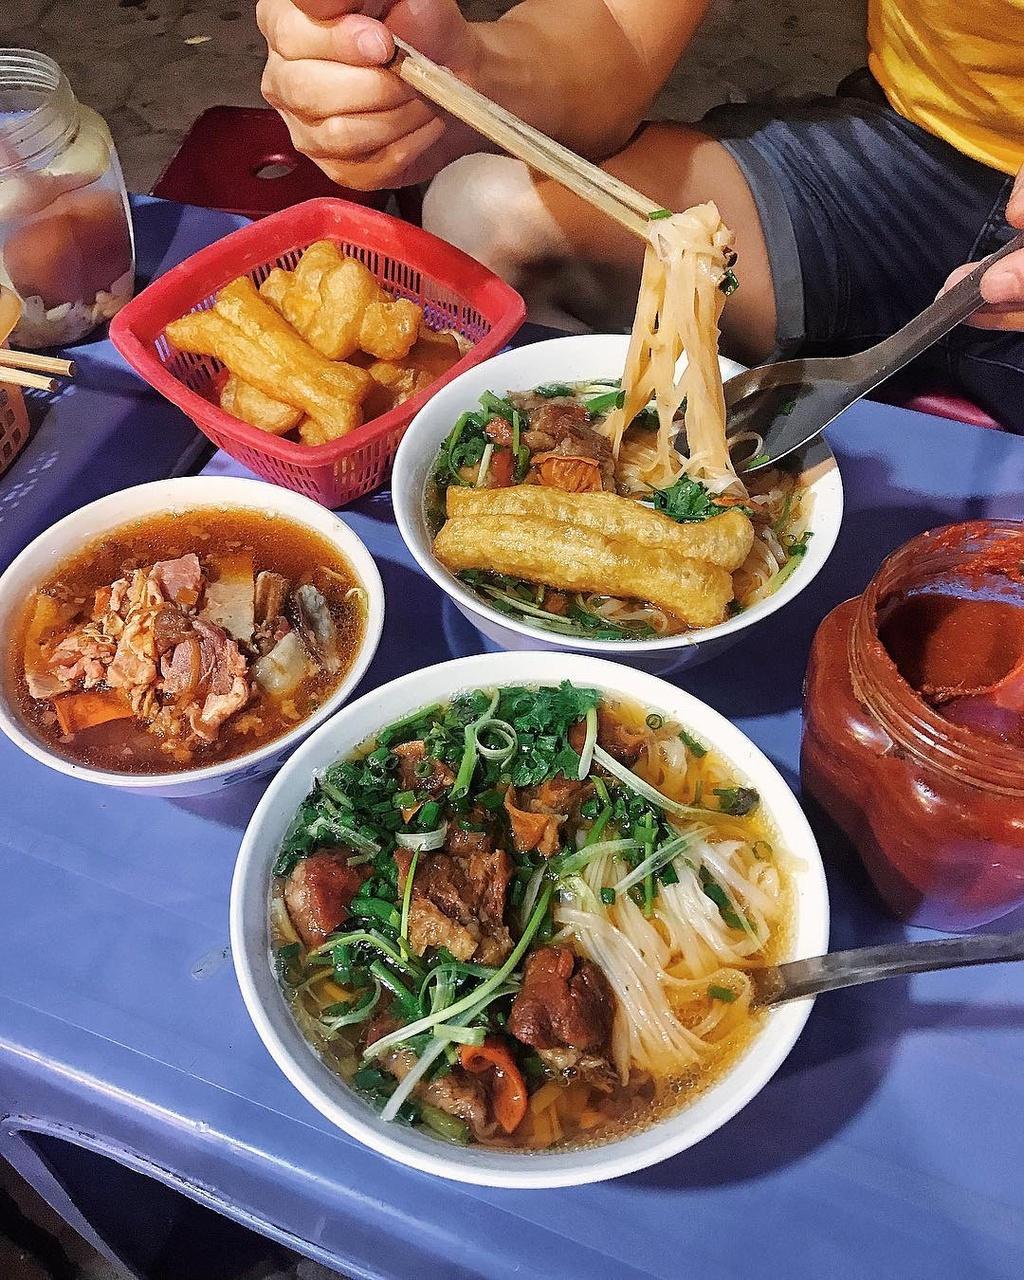 7 quán phở bò nhất định phải thử ở Hà Nội